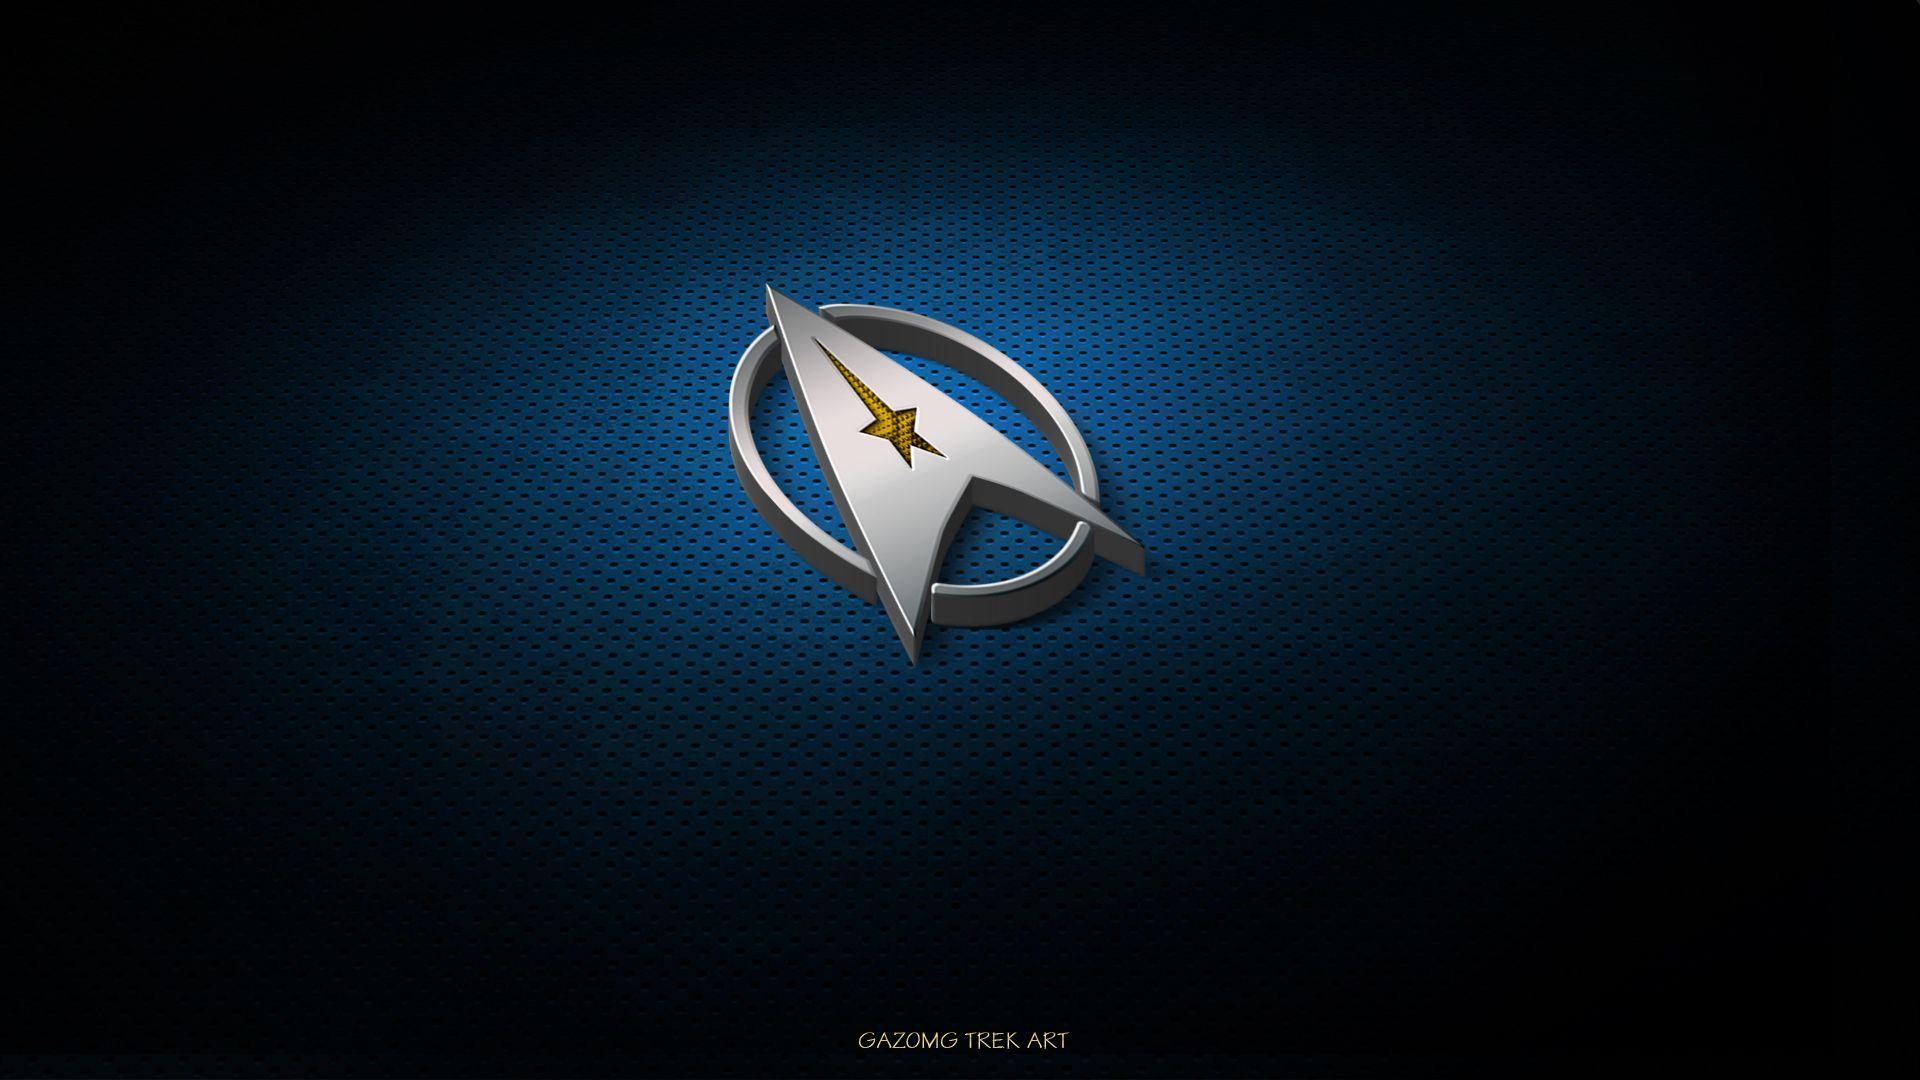 Logo Star Trek Backgrounds For Desktop 2 Star Trek Logo Star Trek Star Trek Wallpaper